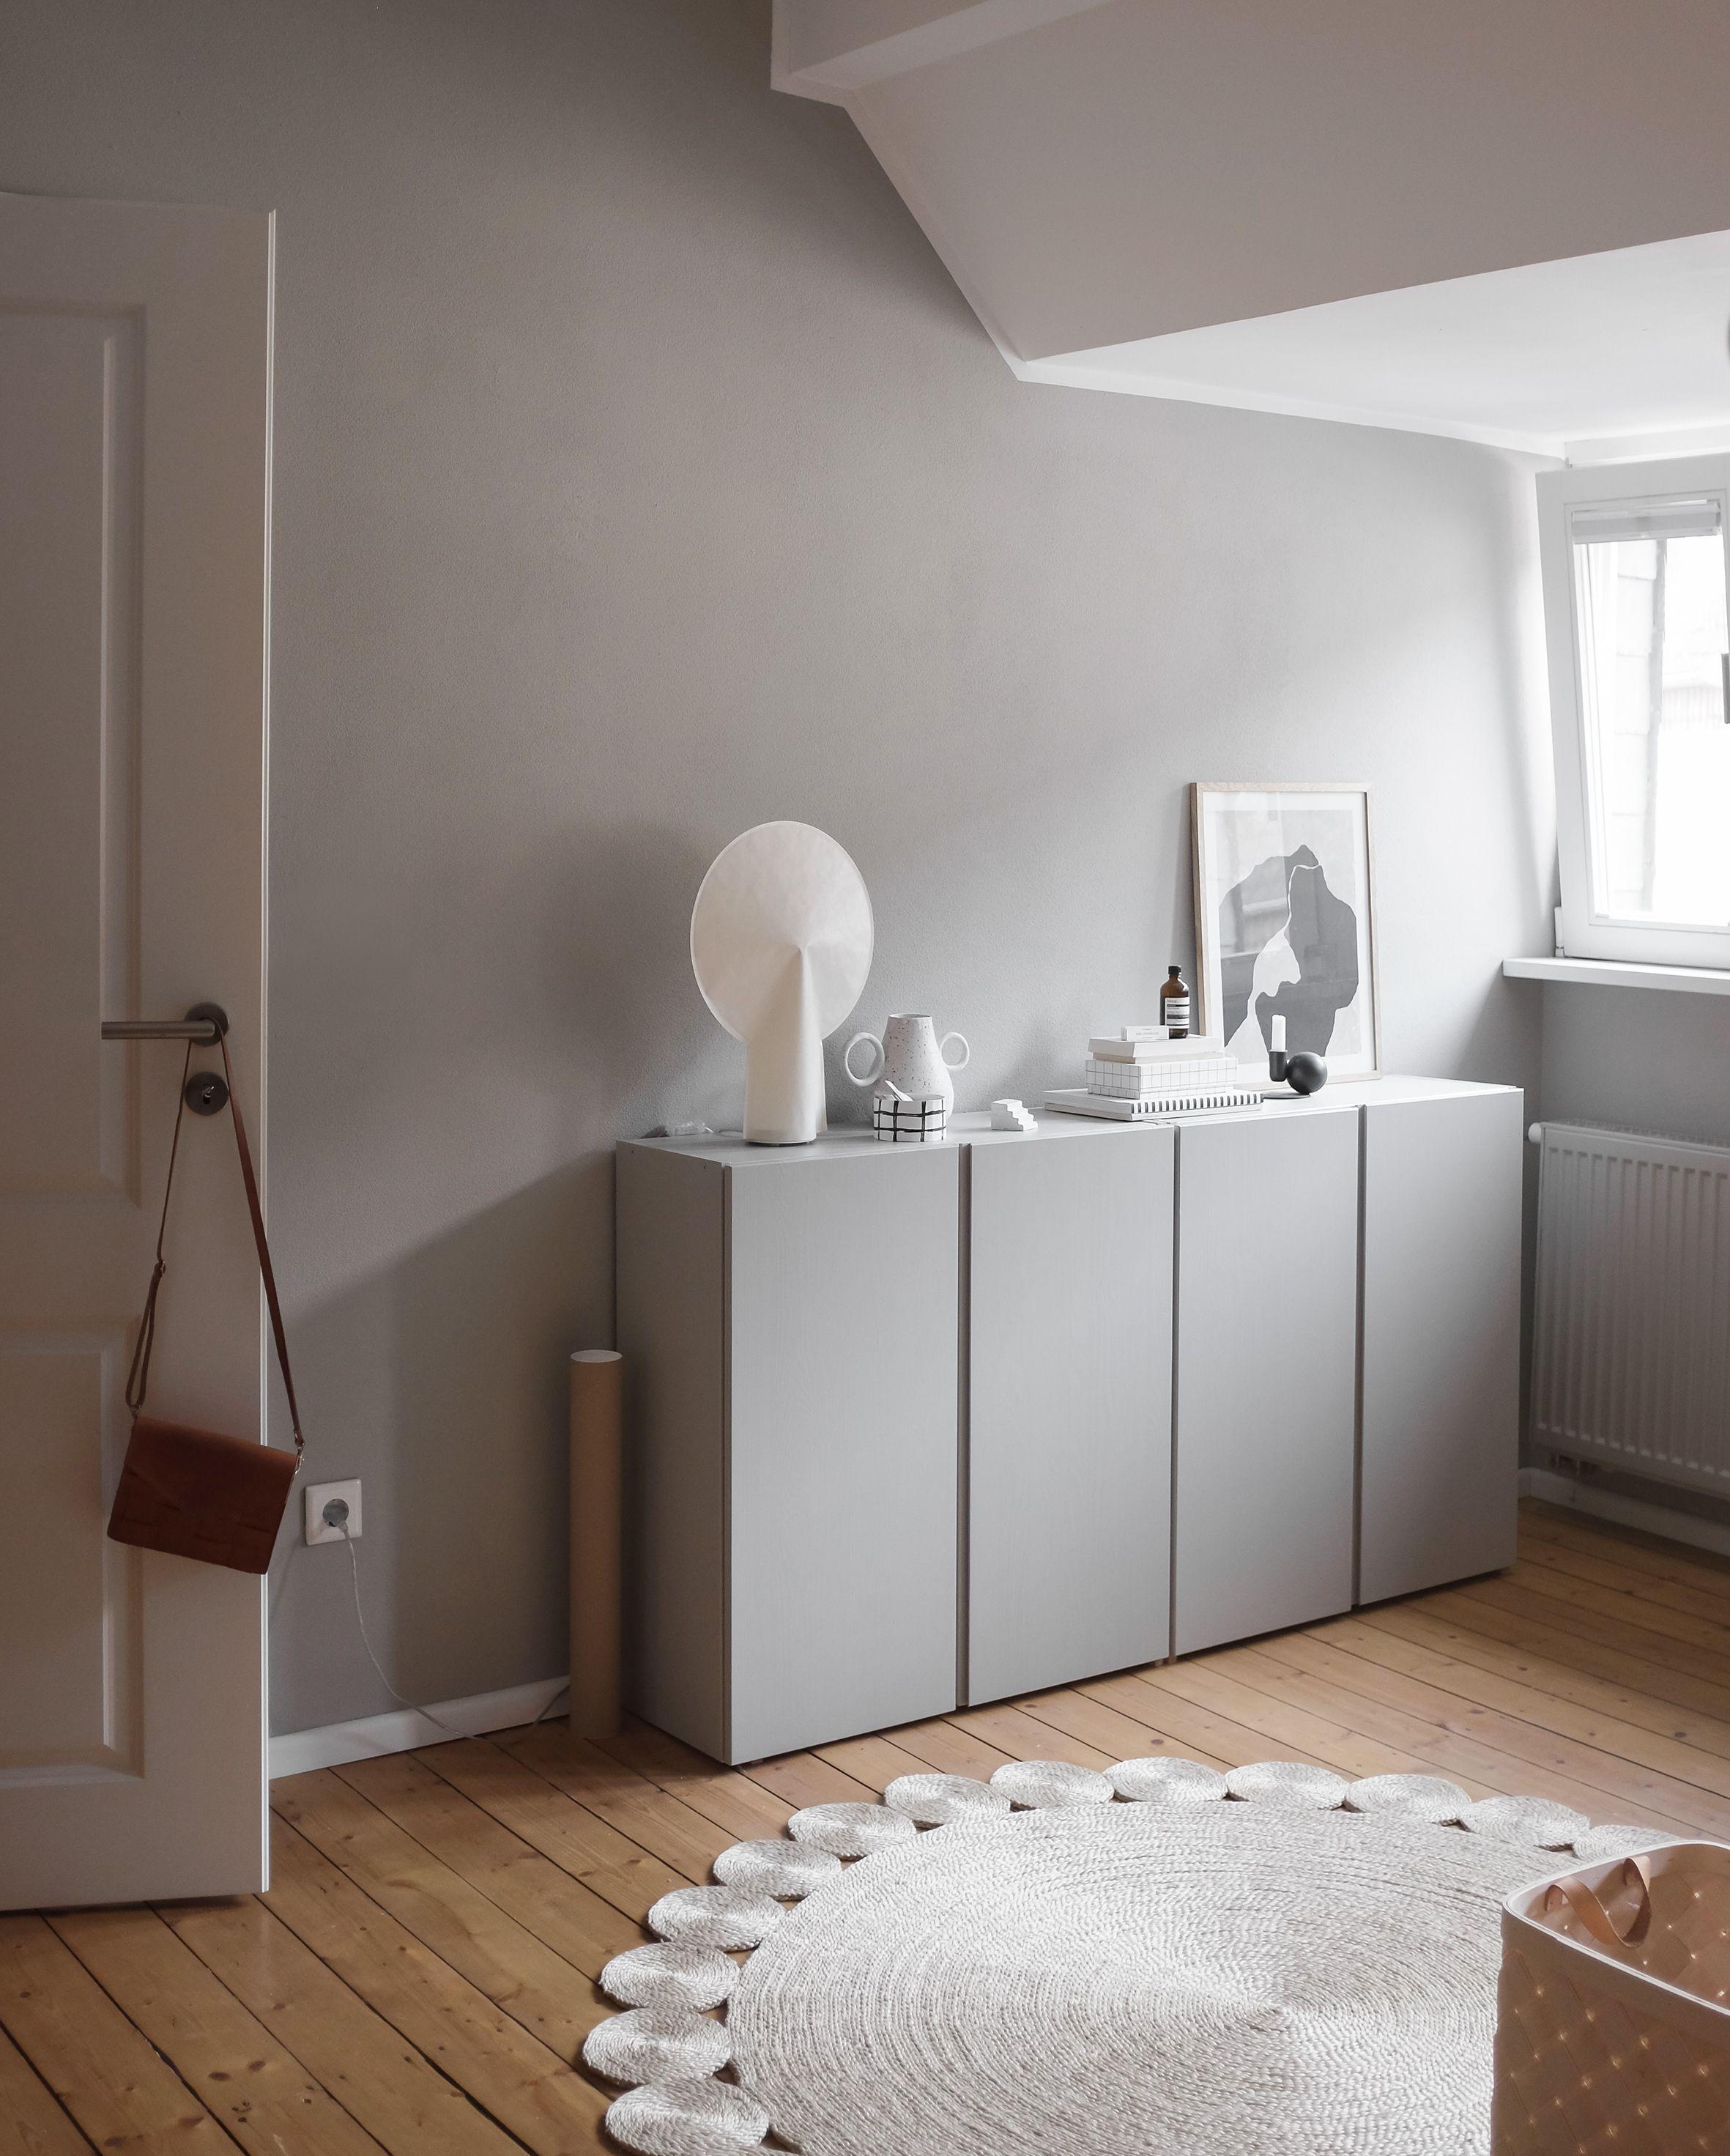 Wandfarbe Greige In Swantjes Schlafzimmer Von Www.kolorat.de #kolorat # Wandfarbe #